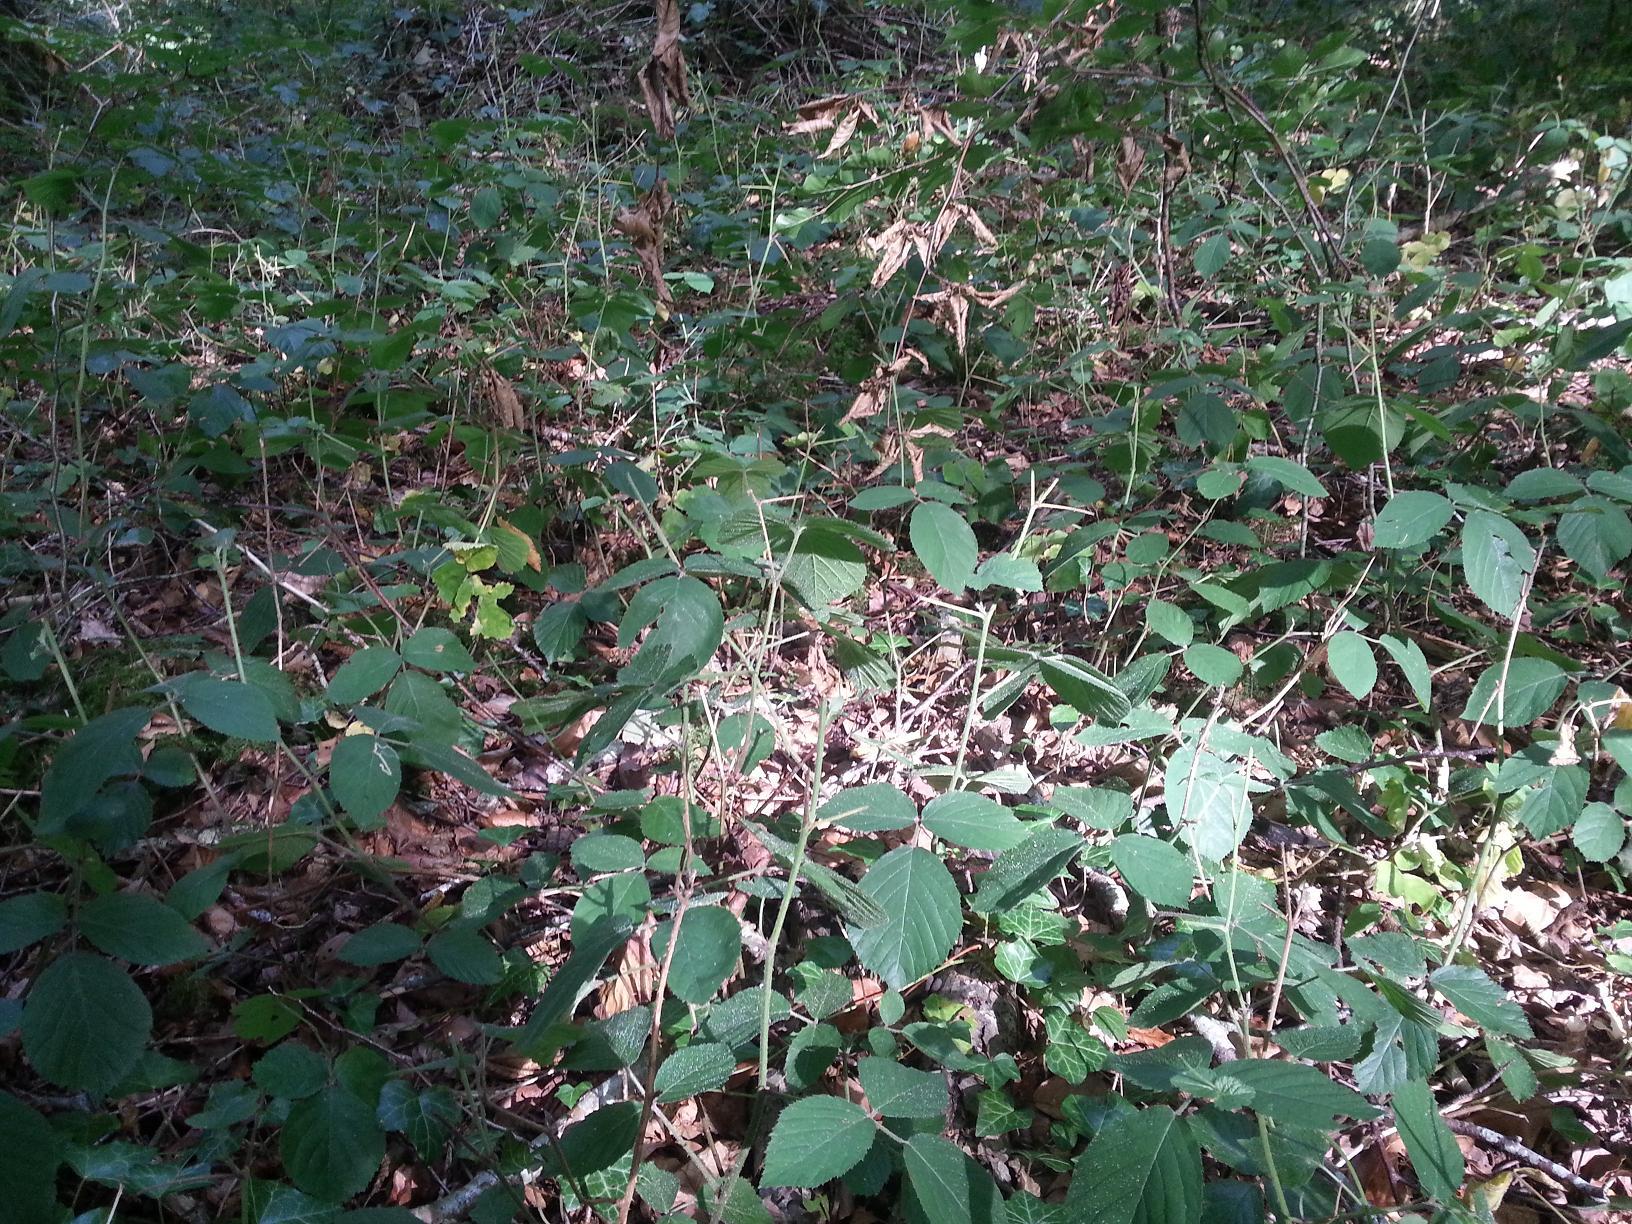 La ronce est le végétal le plus consommé par le chevreuil en hiver.